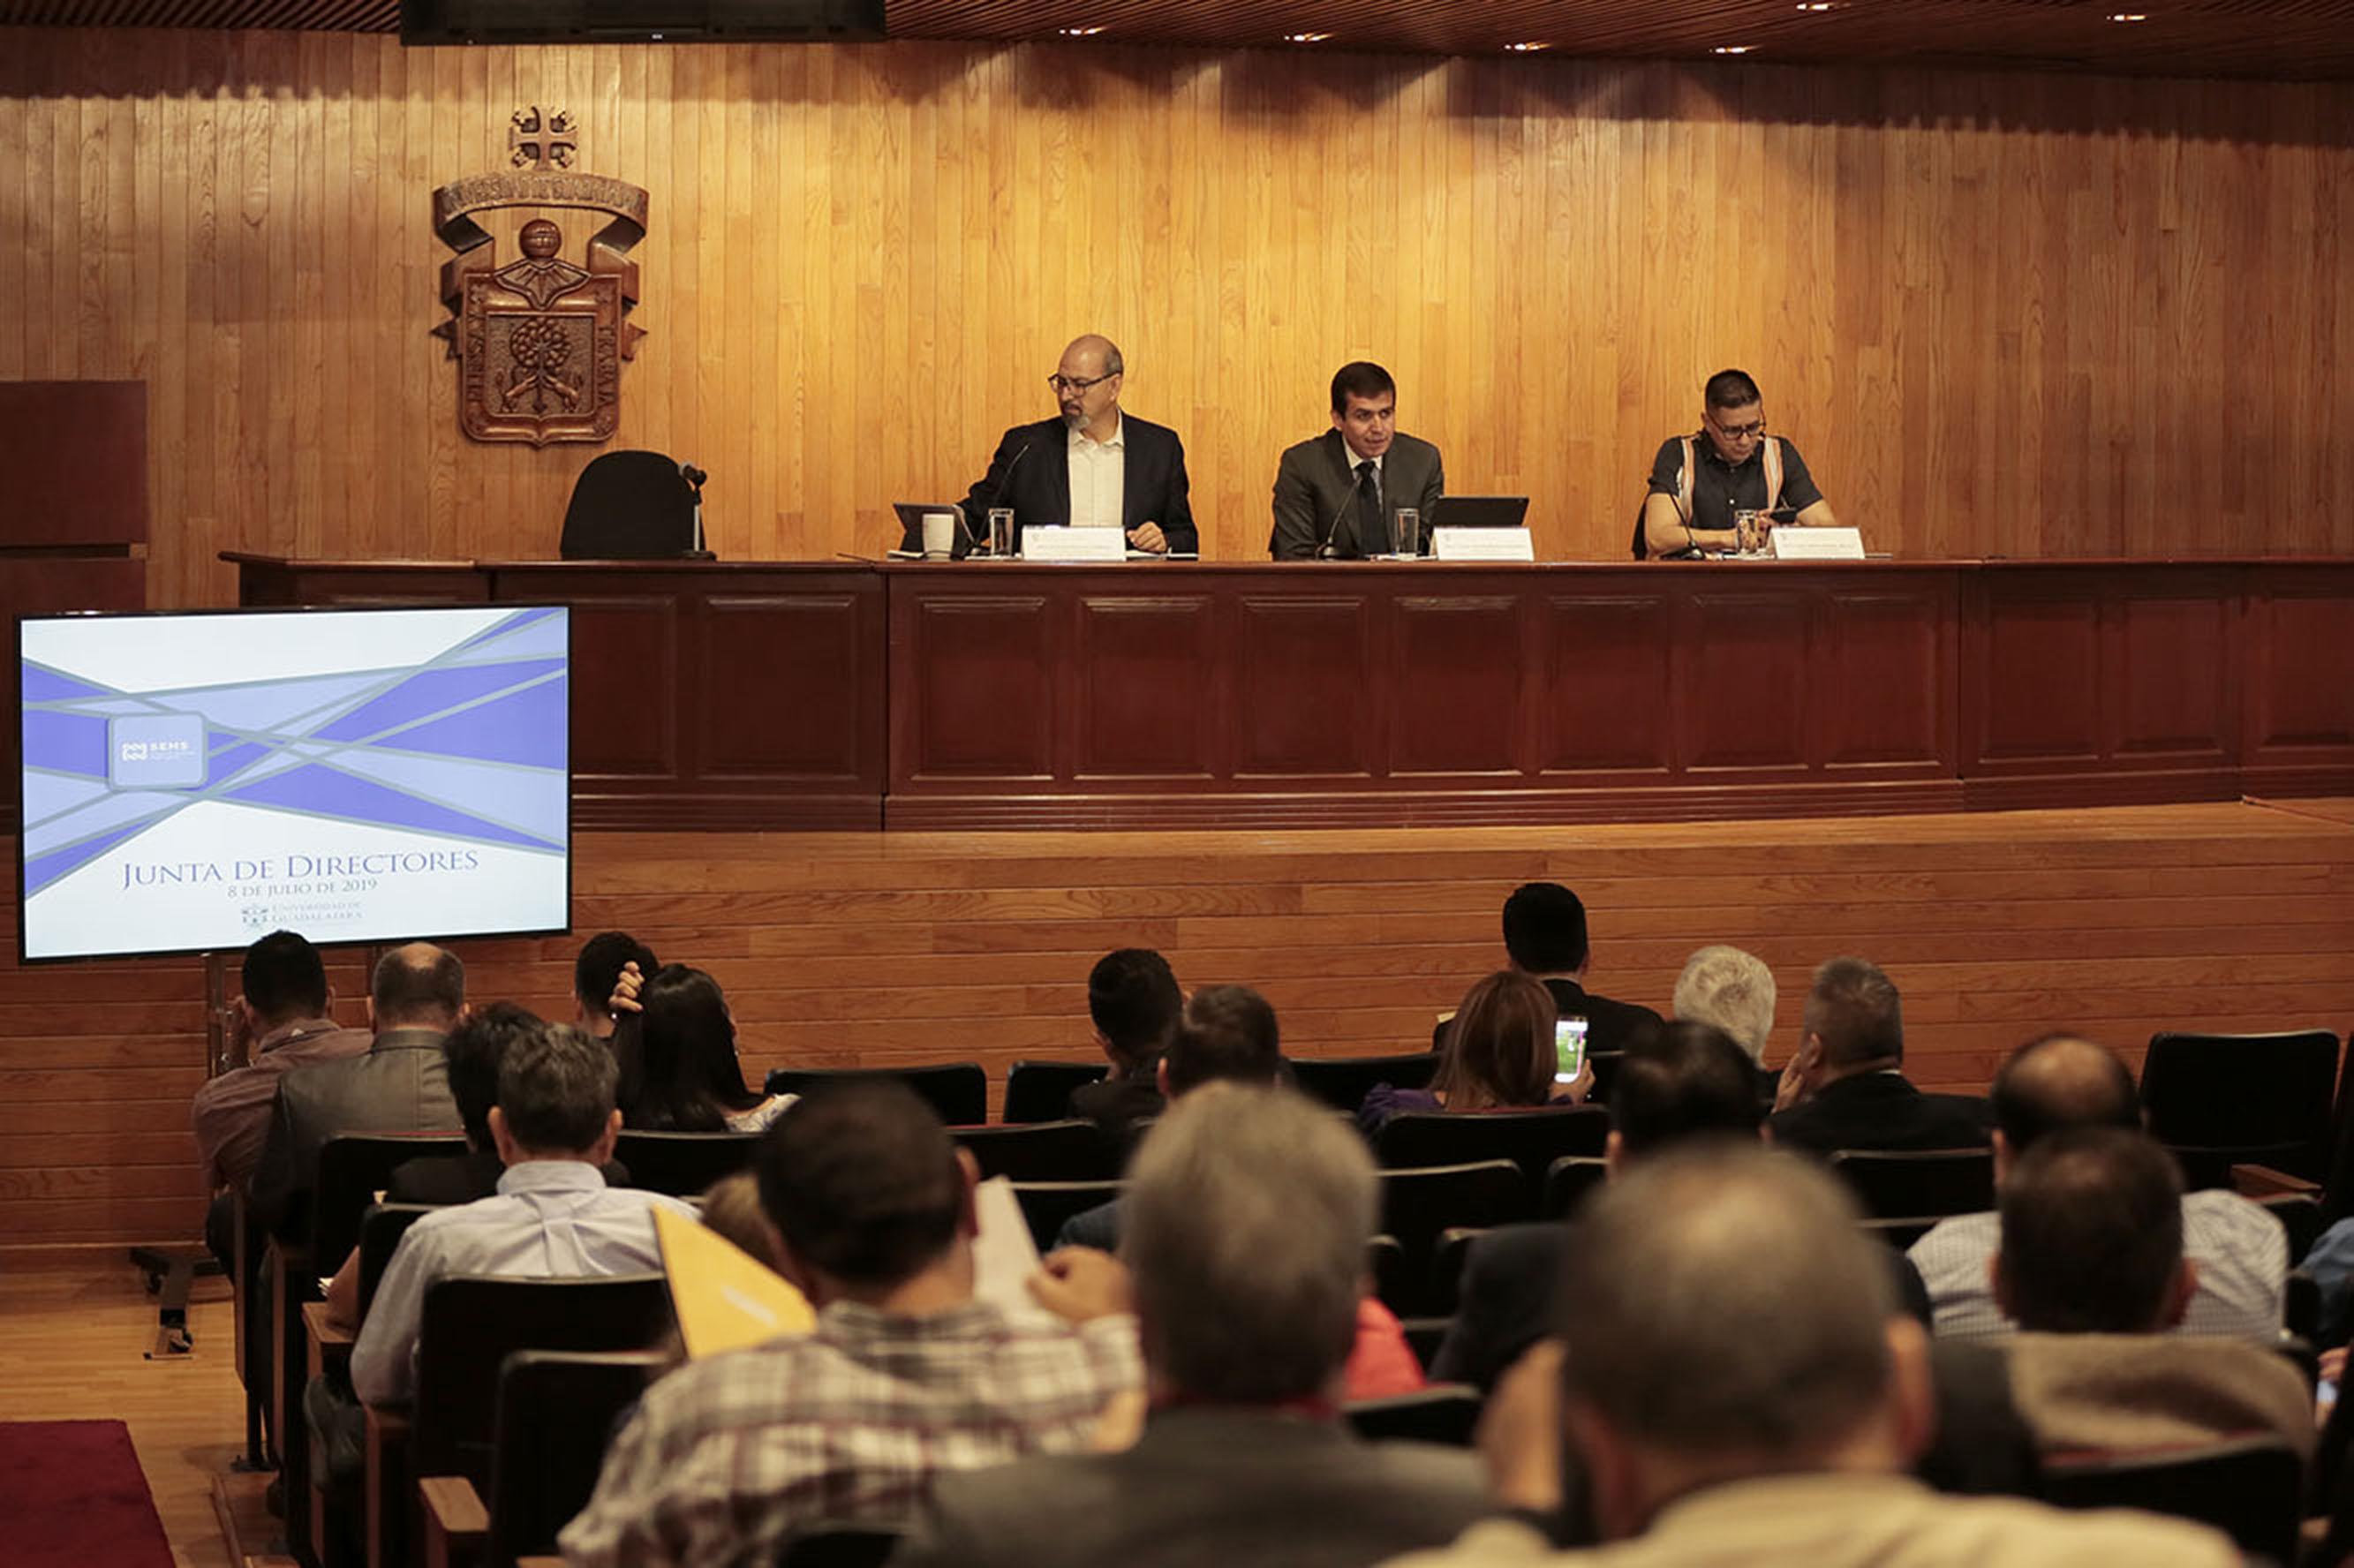 Junta de Directores realizada este día en el auditorio del edificio Valentín Gómez Farías, sede del Sistema de Educación Media Superior (SEMS)